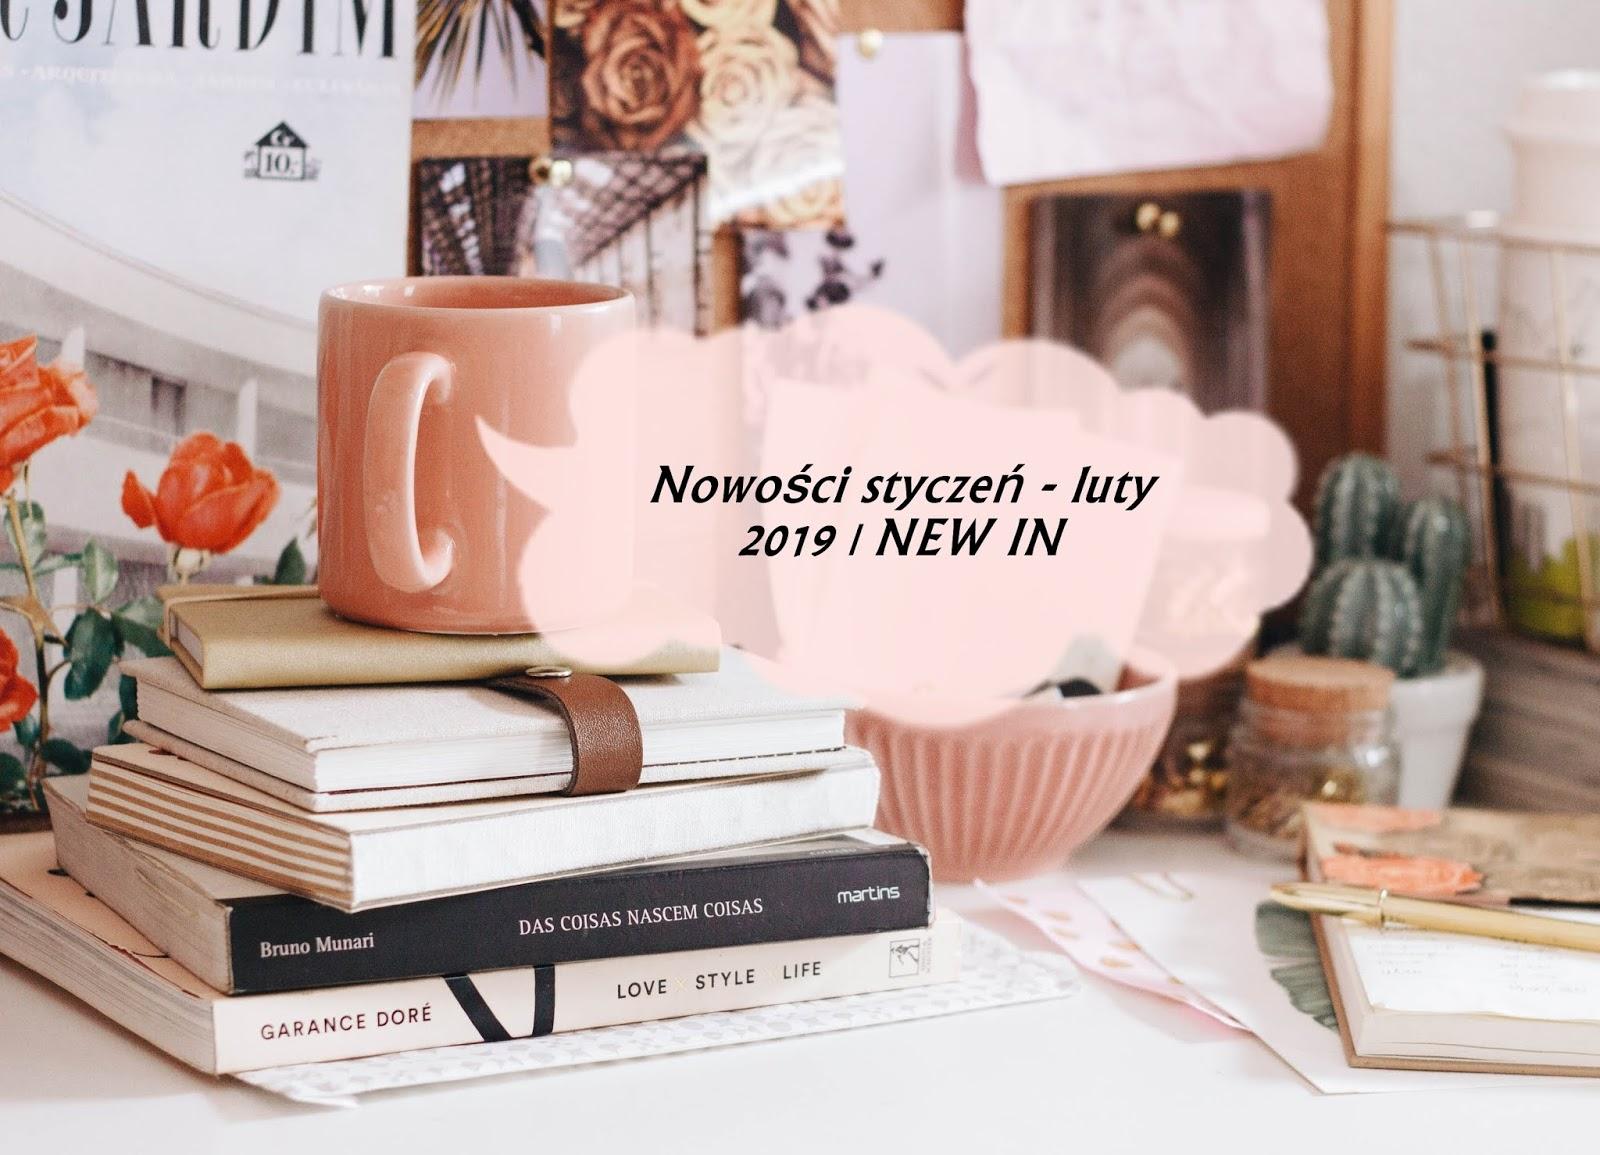 Nowości styczeń-luty 2019 | NEW IN